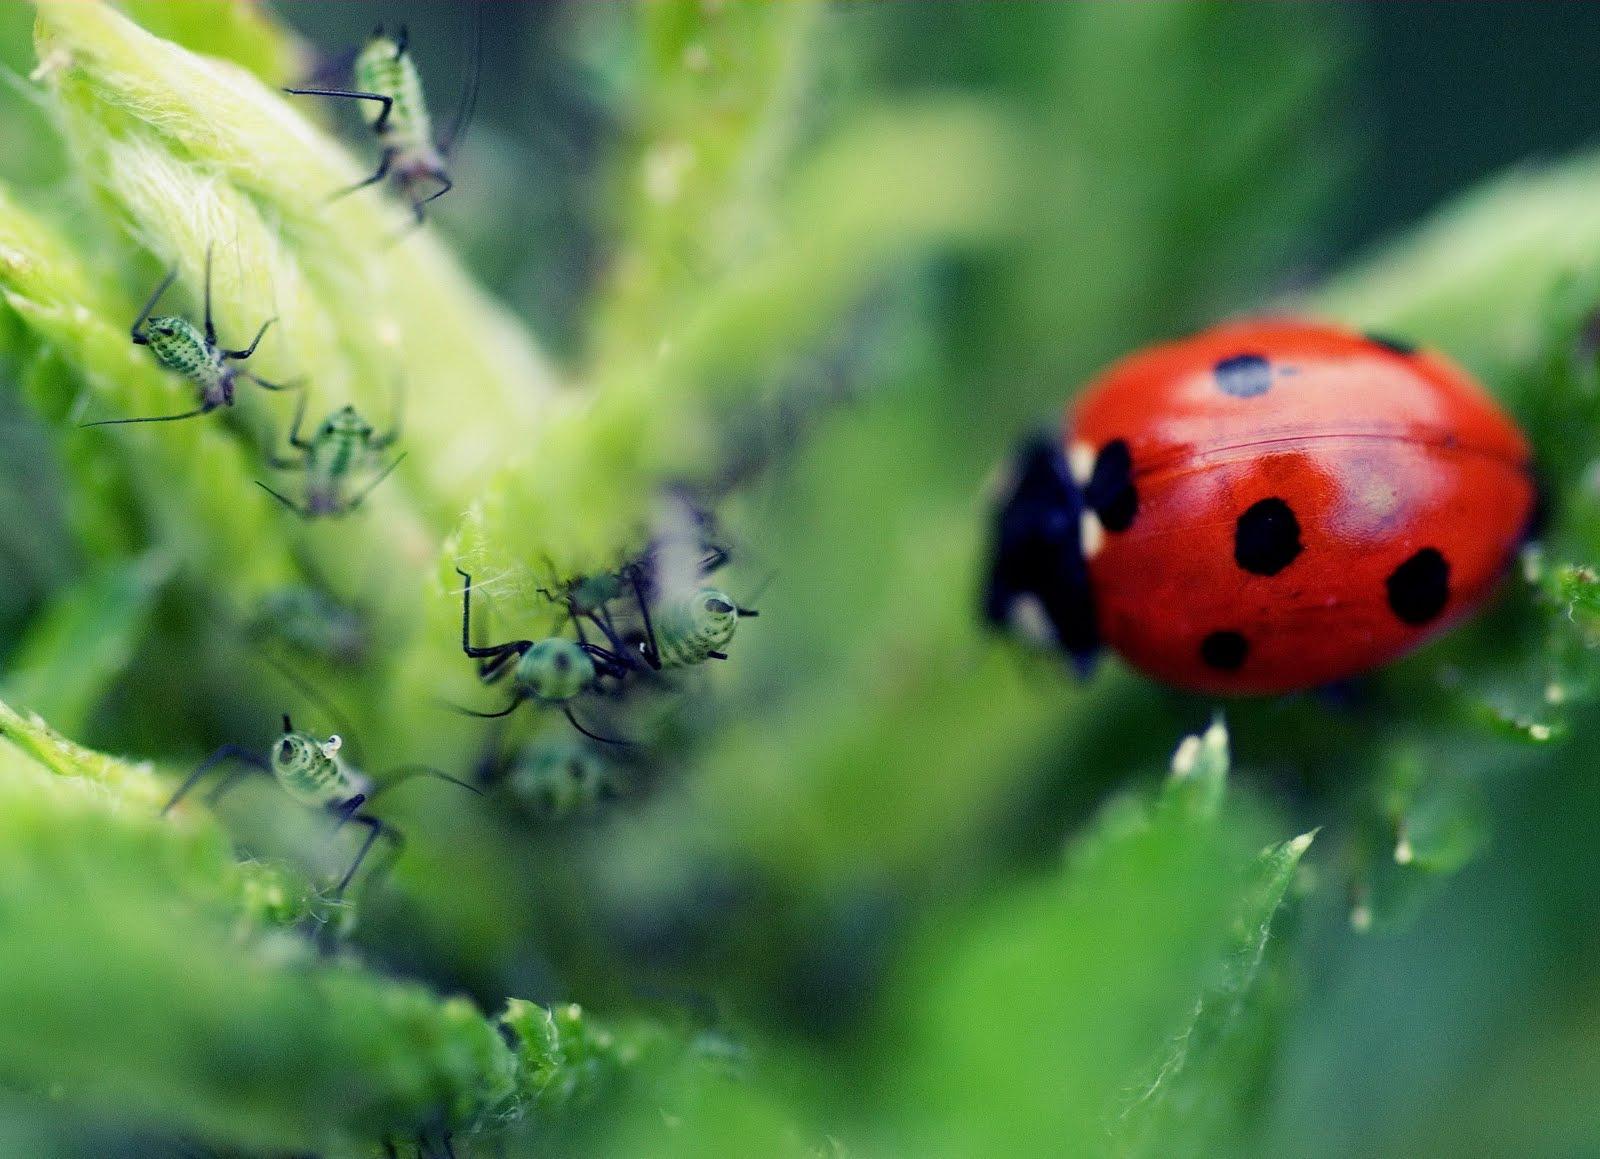 idool Fotos de insectos más cerca de lo que tú te imaginas VII ...